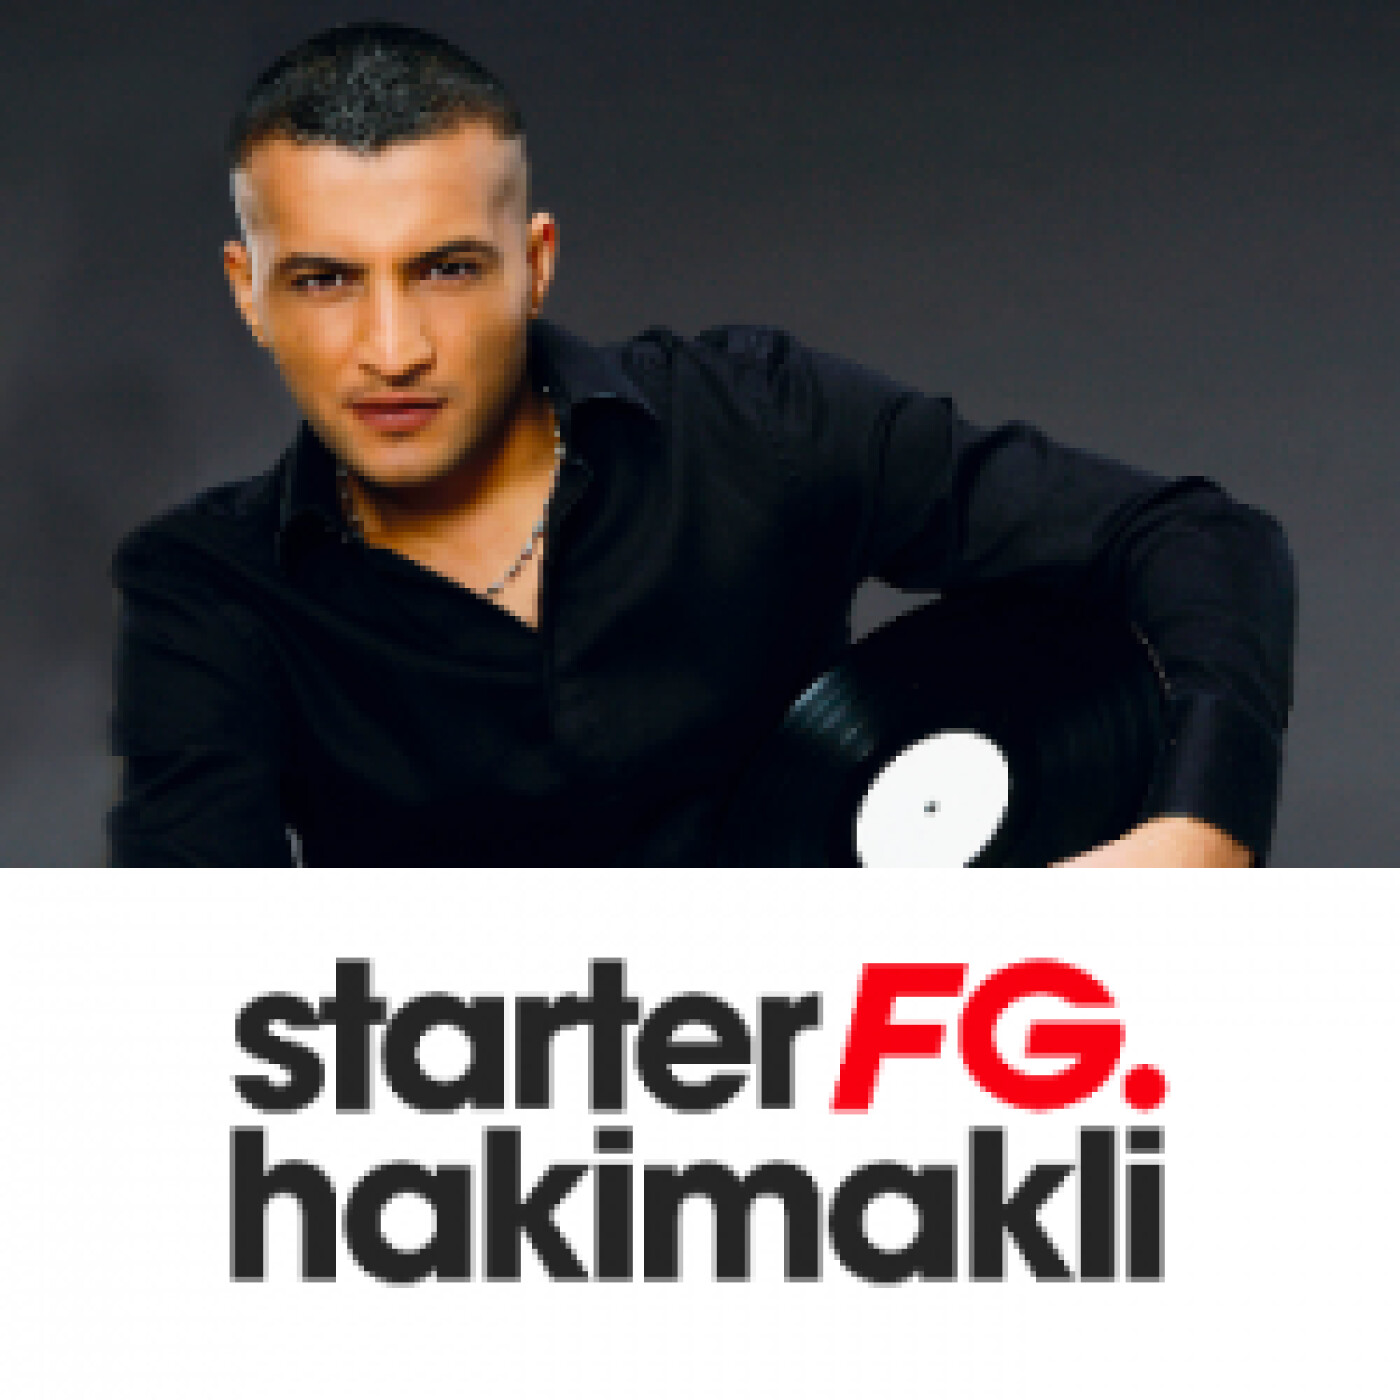 STARTER FG BY HAKIMAKLI JEUDI 21 JANVIER 2021